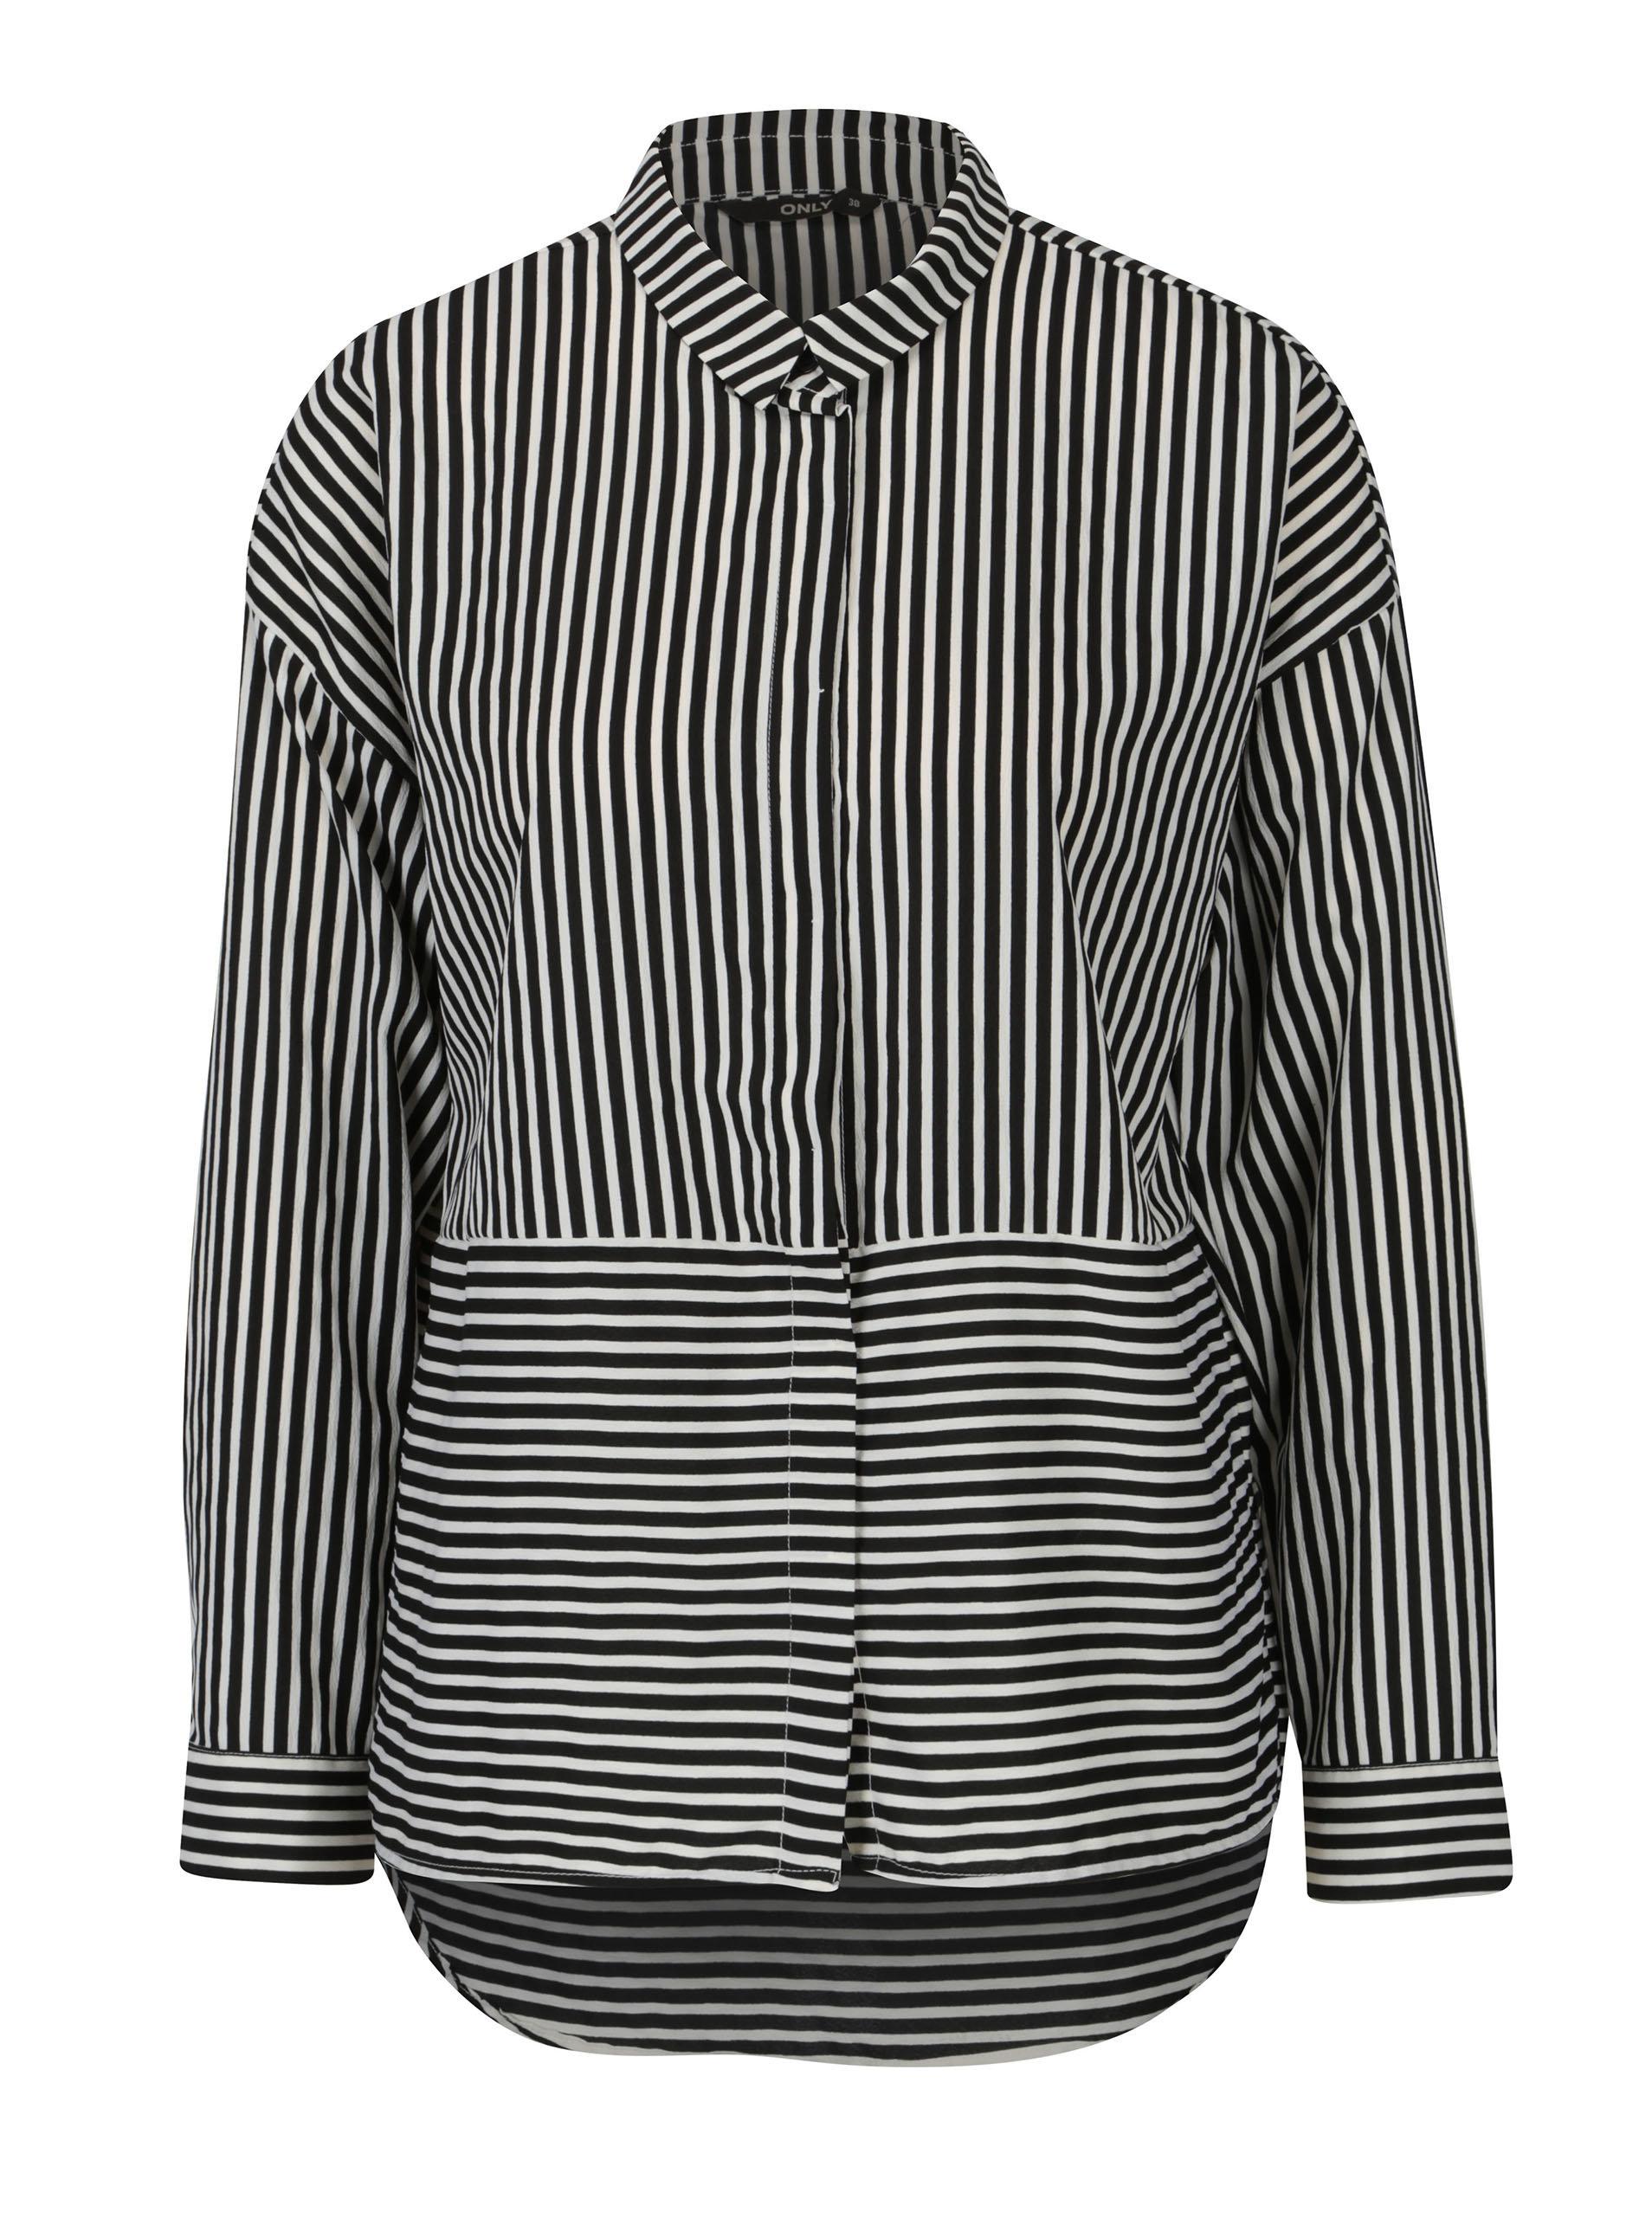 Bílo-černá pruhovaná košile s dlouhým rukávem ONLY Elena ... 861f9795f5